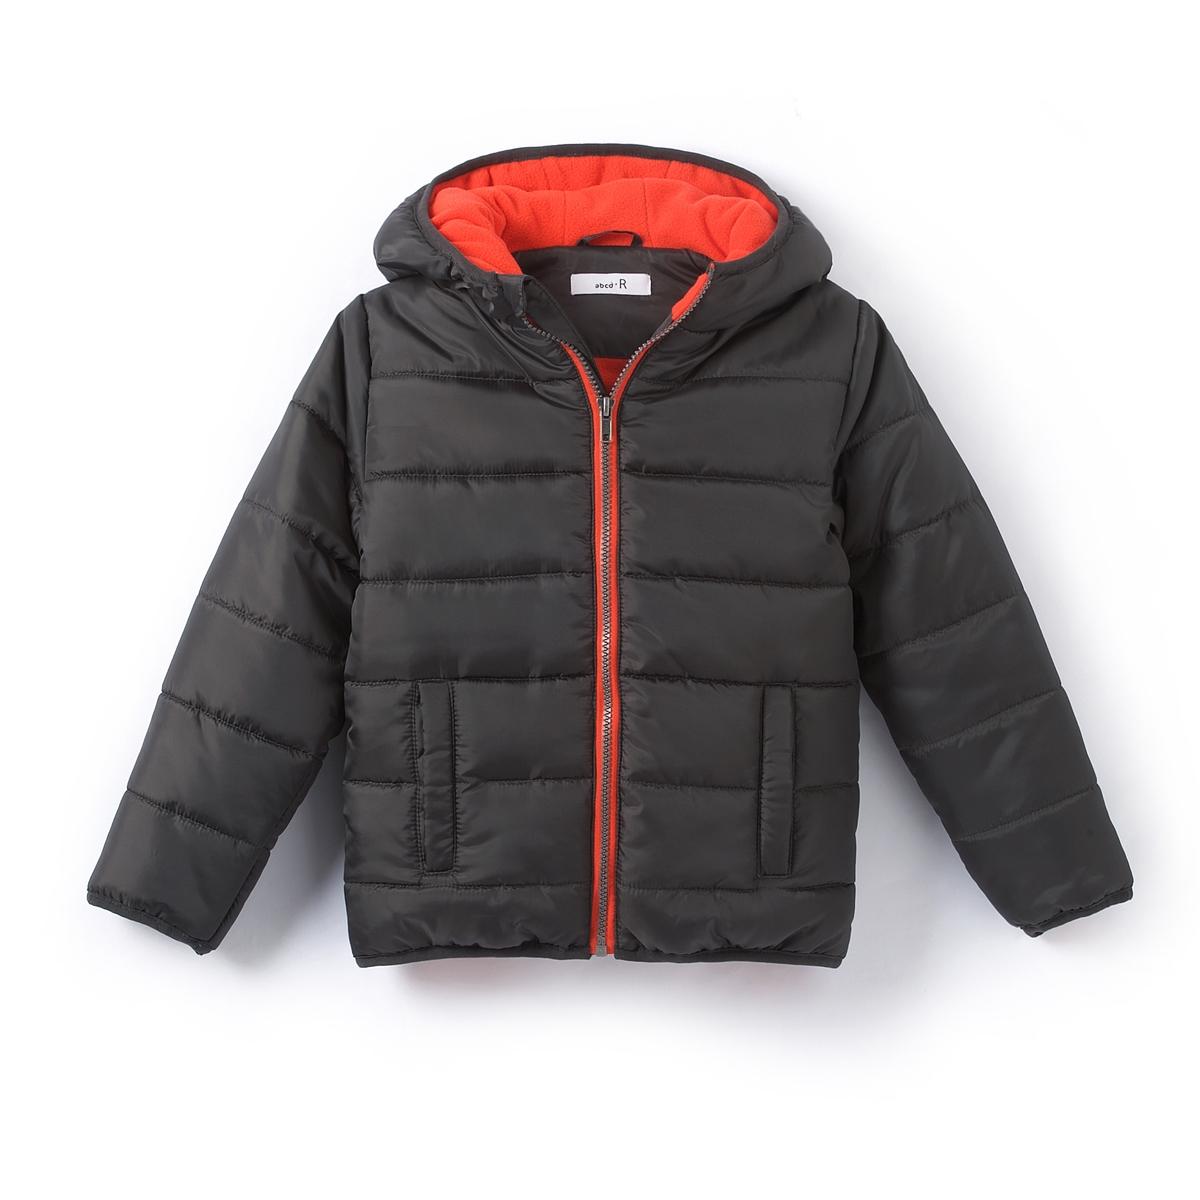 Куртка с капюшоном на флисовой подкладке, 3-12 лет